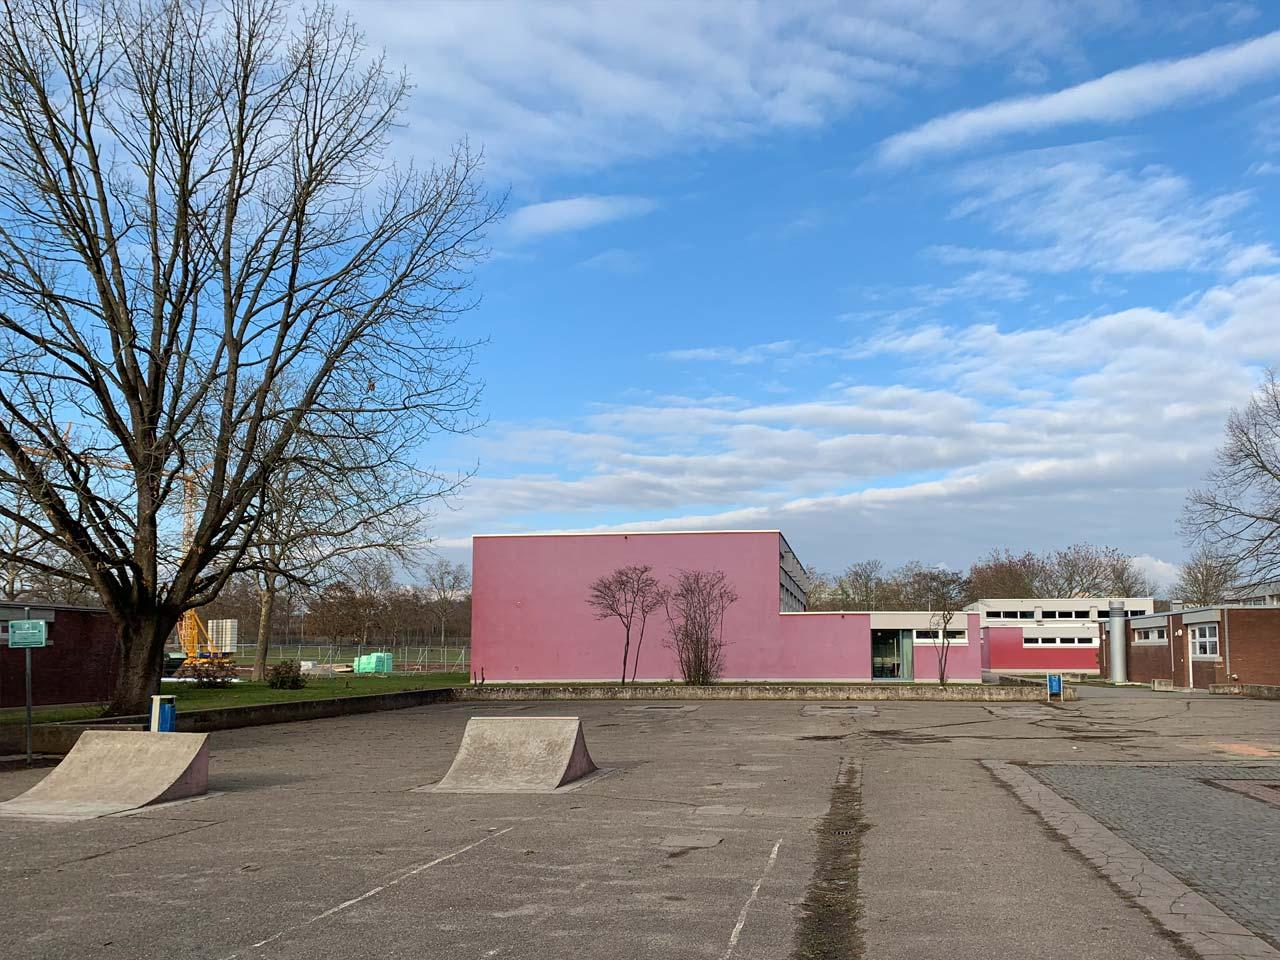 Der weitläufige Schulhof der Pfrimmtal Schule